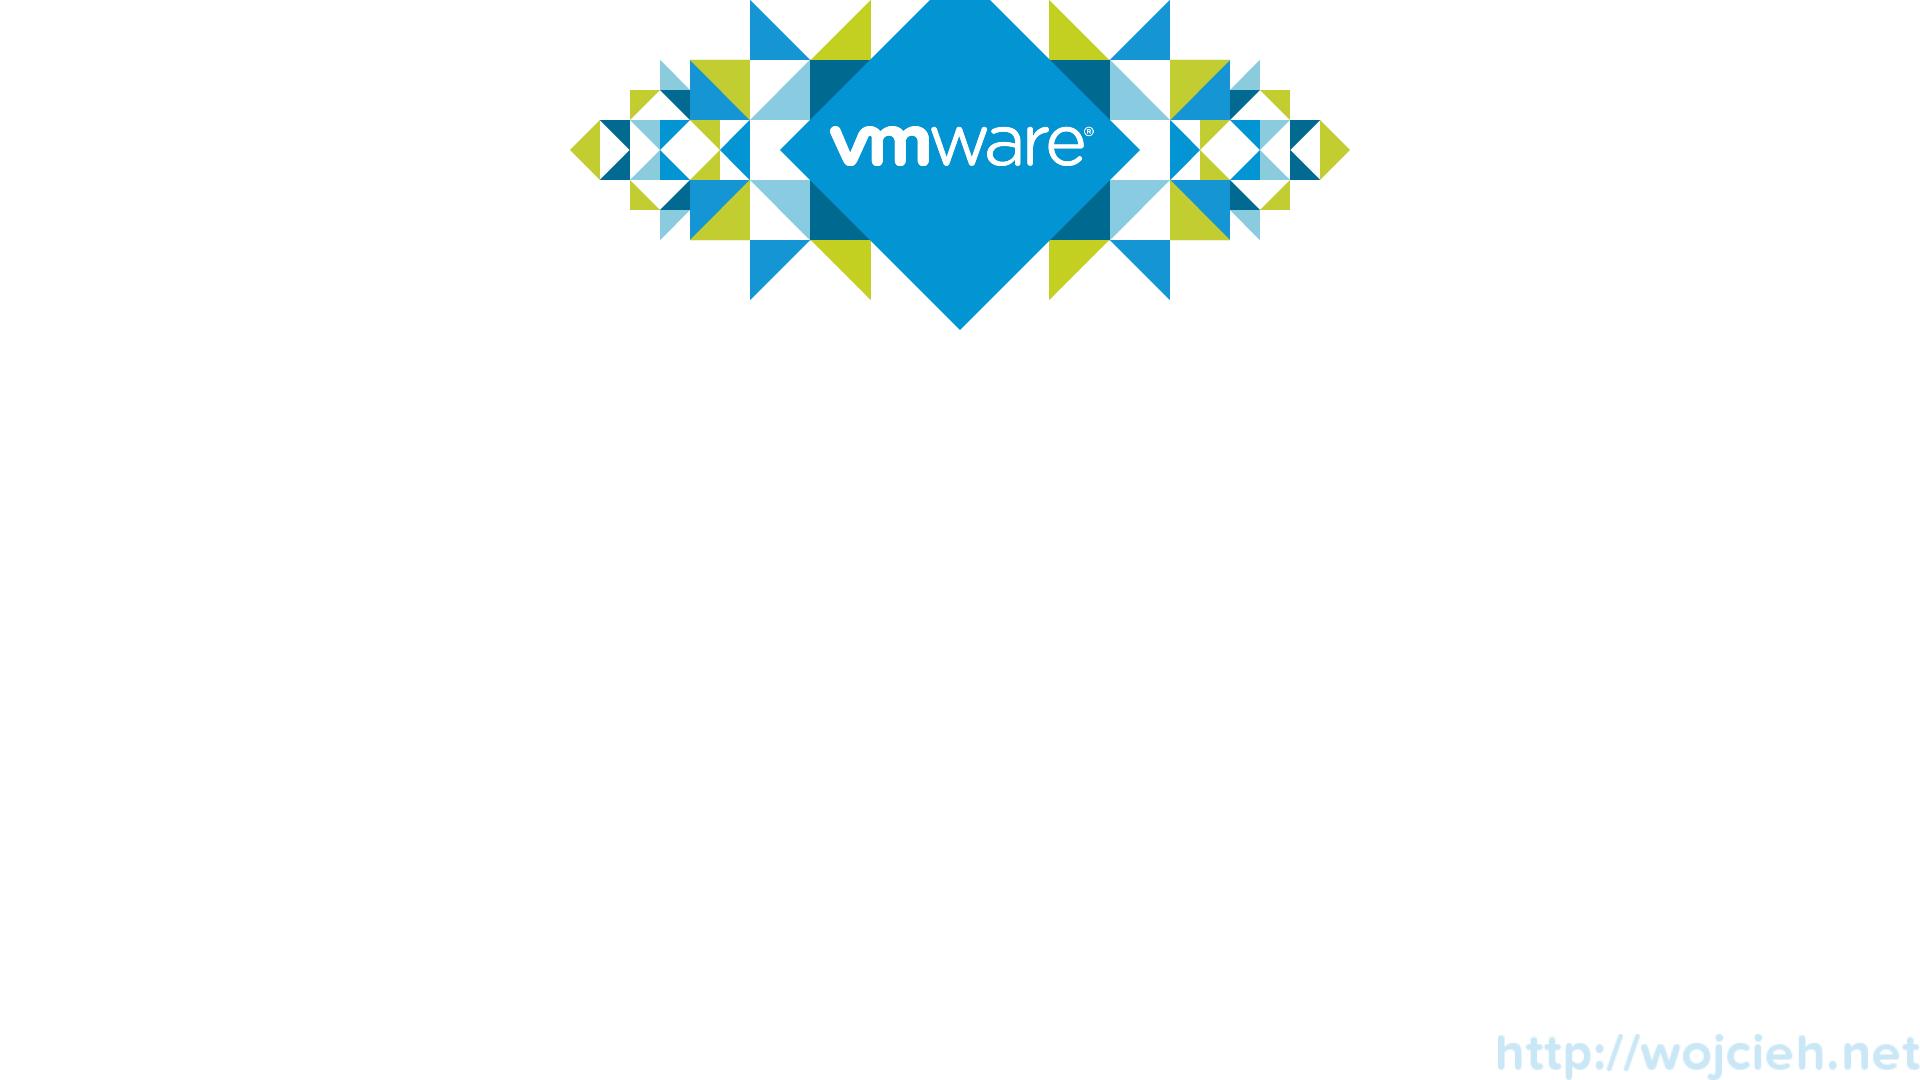 VMware Wallpaper - 4